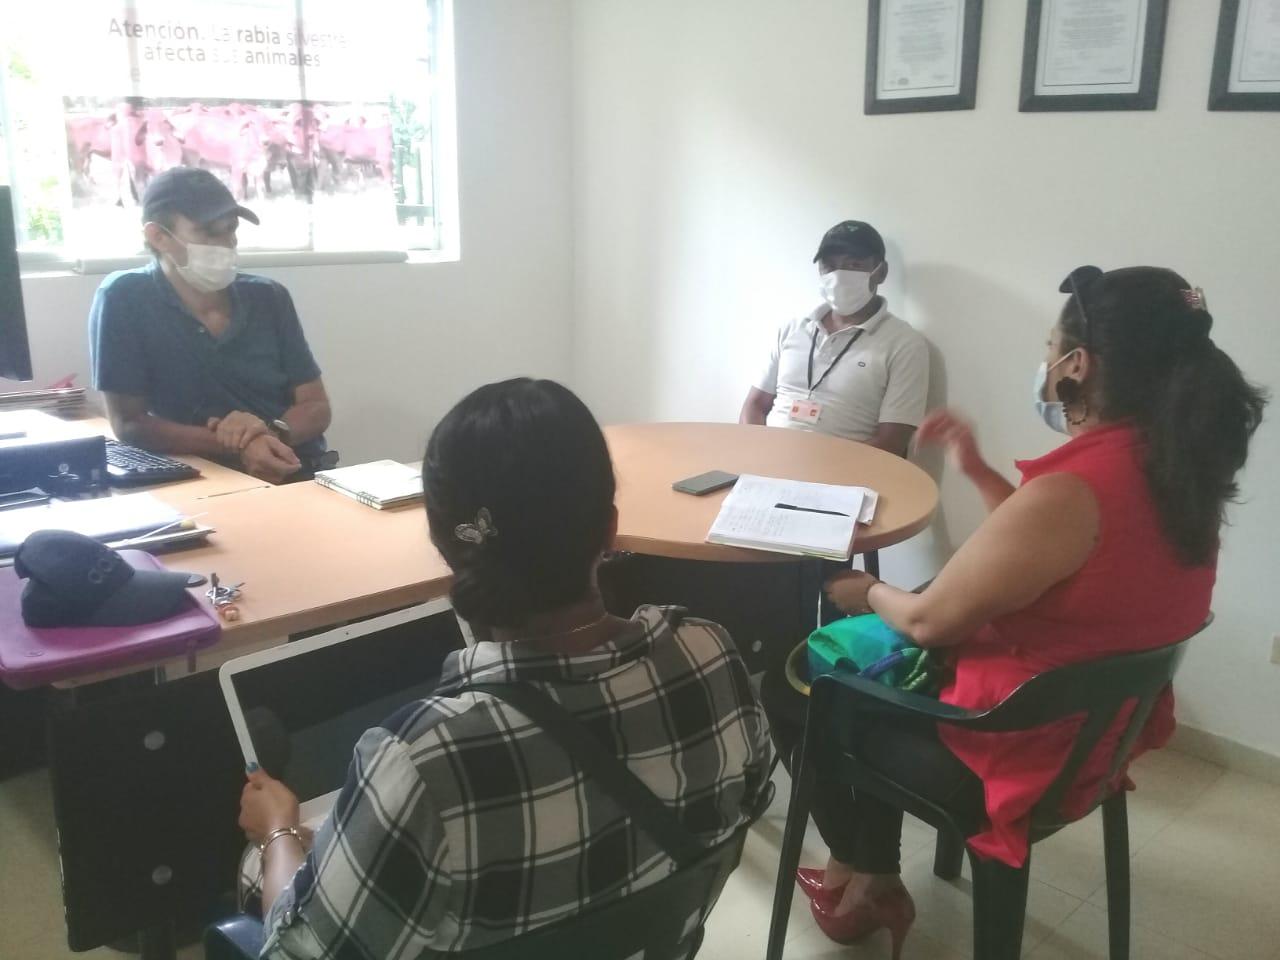 Gráfica alusiva a la noticia Encuentro entre el proyecto Negocios Verdes y el Instituto Colombiano Agropecuario